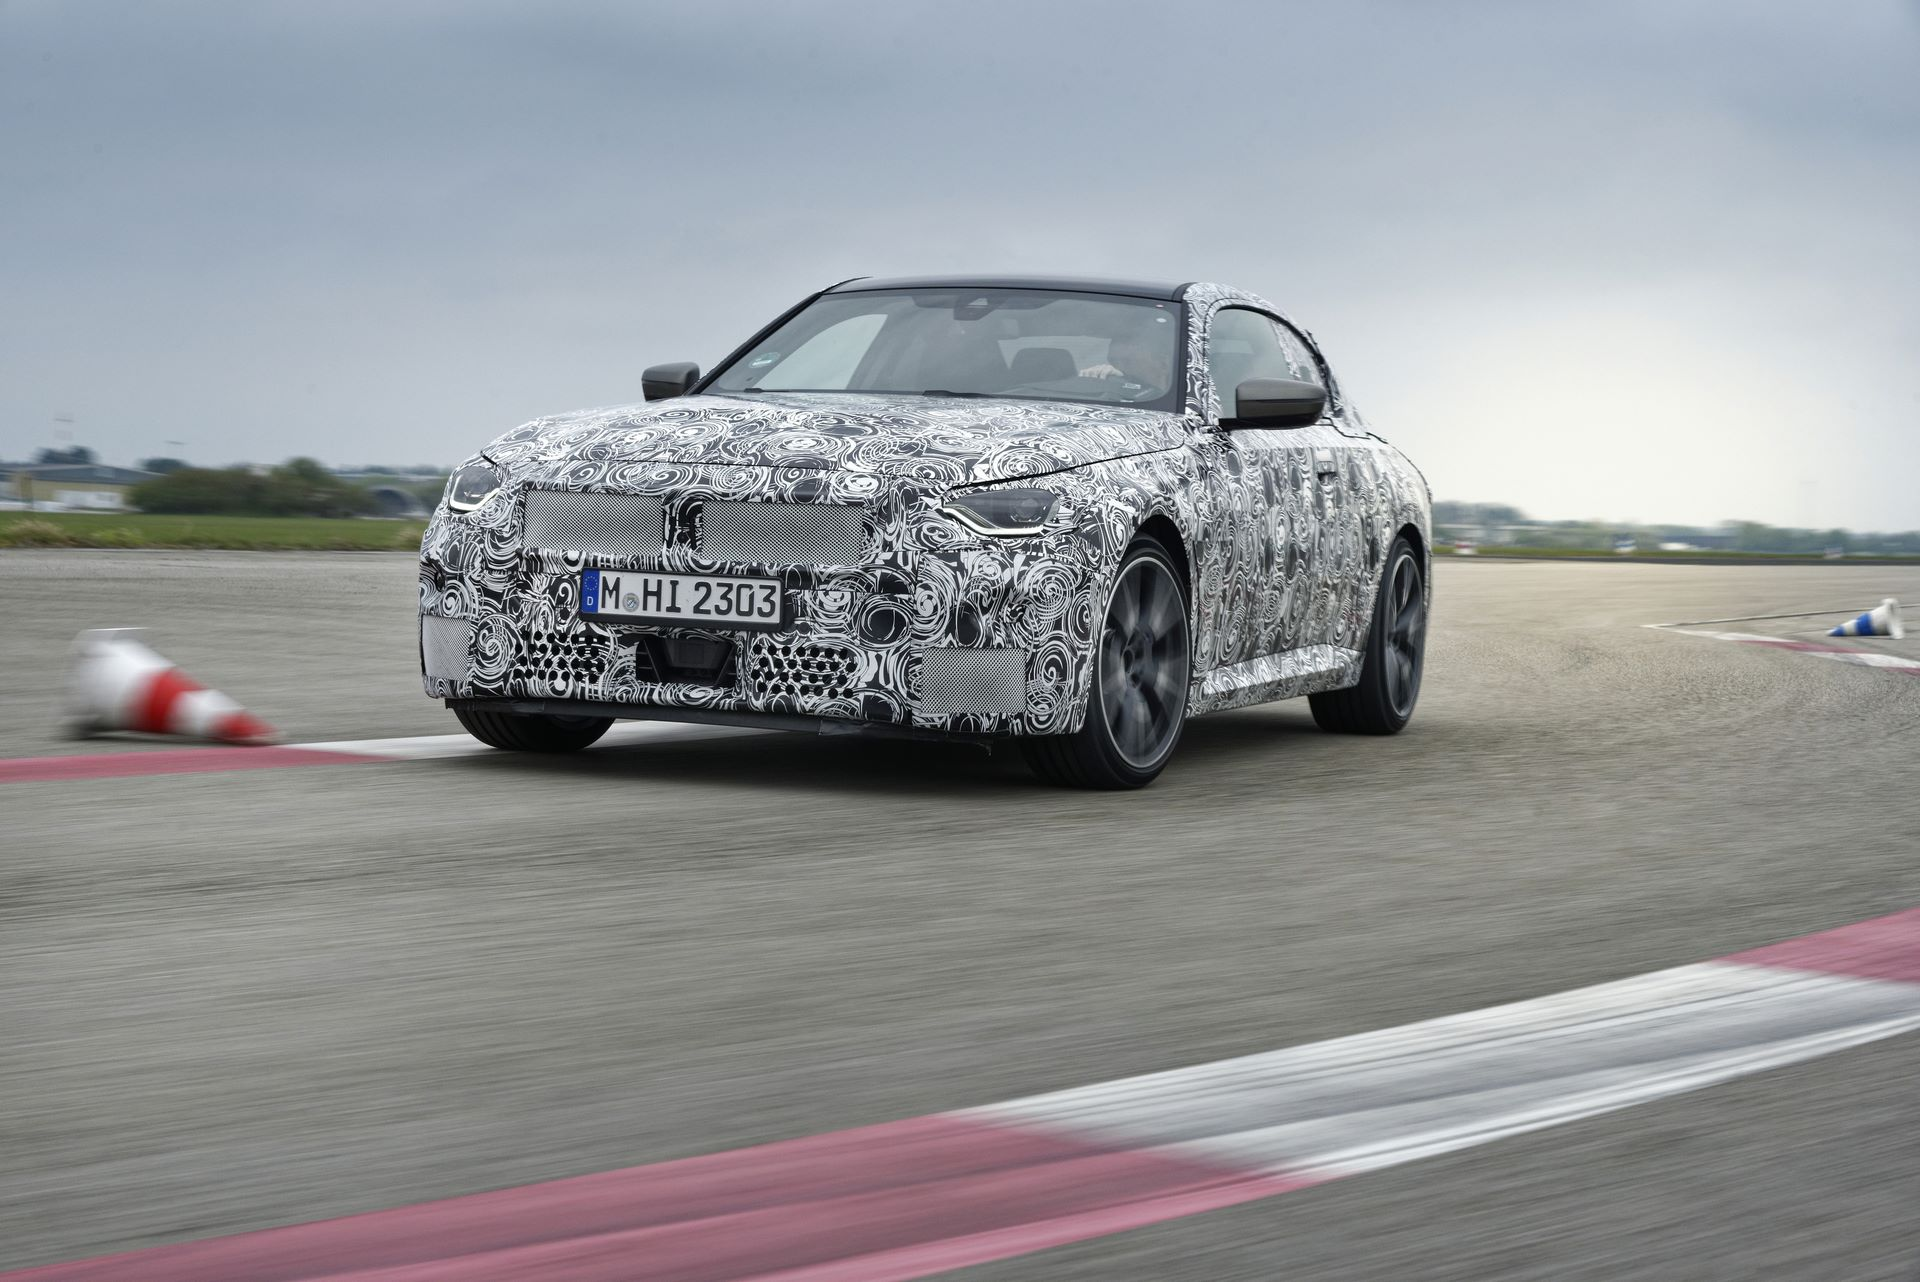 BMW-2-Series-M240i-spy-photos-79